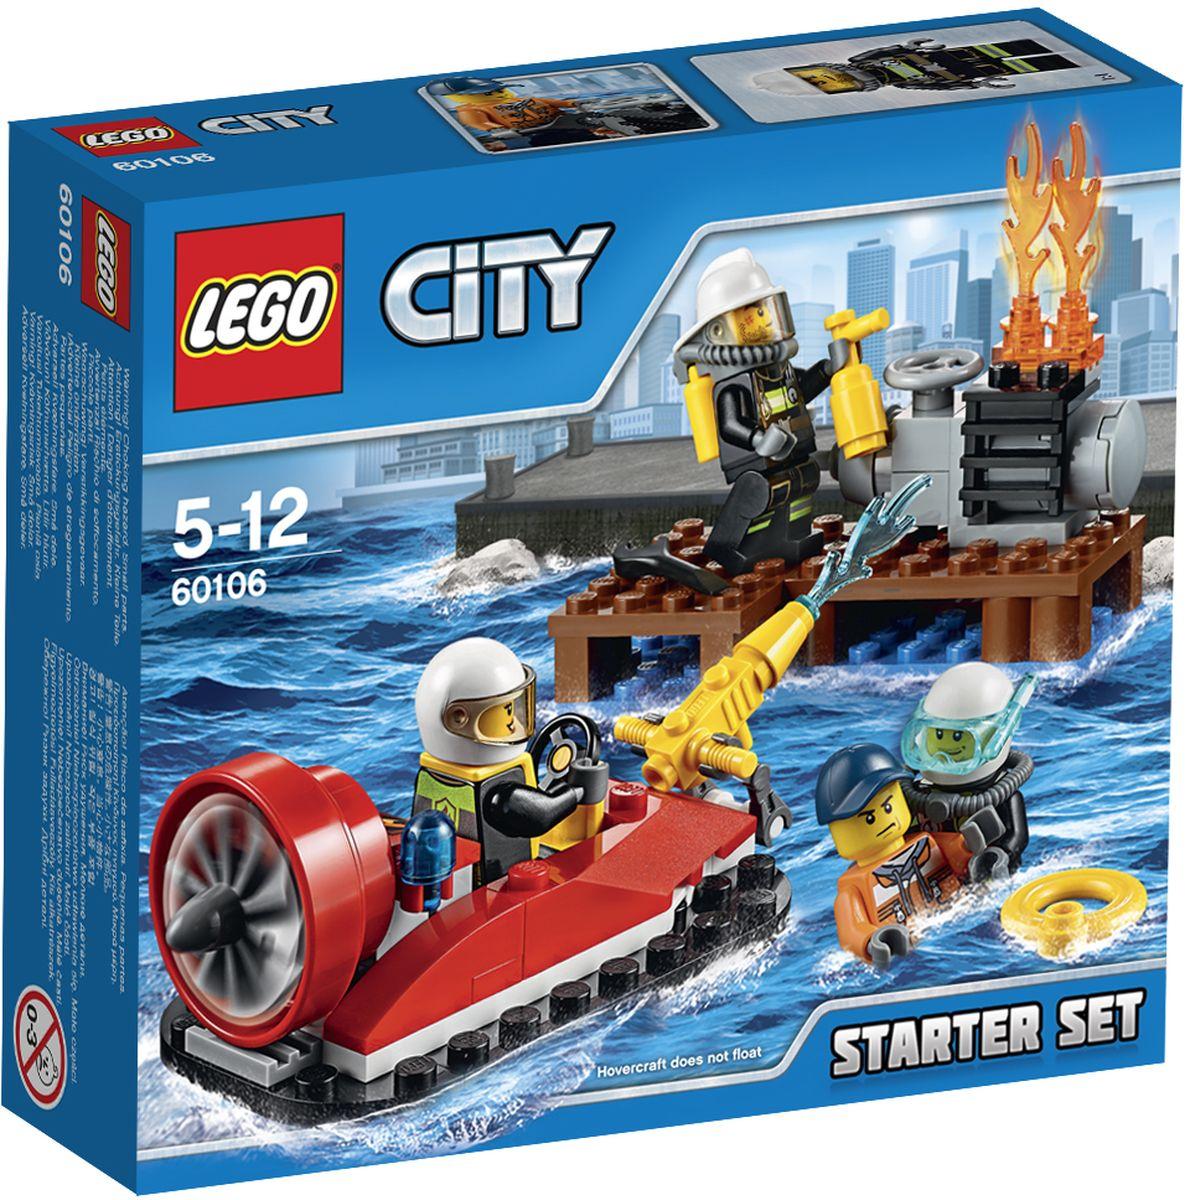 LEGO City Конструктор Пожарная охрана 6010660106Гони пожарный корабль на воздушной подушке на пирс и потуши огонь! Отправь водолаза в воду, чтобы спасти докера, а затем помоги другим пожарным потушить пламя в моторном отделе. Потуши огонь на пирсе и стань героем-пожарным в LEGO City! Набор для начинающих LEGO City Пожарная охрана - это один из самых увлекательнейших и веселых способов времяпрепровождения. Ребенок сможет часами играть с конструктором, придумывая различные ситуации и истории. В набор также входят 4 мини-фигурки: 3 пожарных и рабочего дока. В процессе игры с конструкторами LEGO дети приобретают и постигают такие необходимые навыки как познание, творчество, воображение. Обычные наблюдения за детьми показывают, что единственное, чему они с удовольствием посвящают время, - это игры. Игра - это состояние души, это веселый опыт познания реальности. Играя, дети создают собственные миры, осваивают их, а познавая - приобретают знания и умения. Фантазия ребенка безгранична, беря свое начало в детстве,...